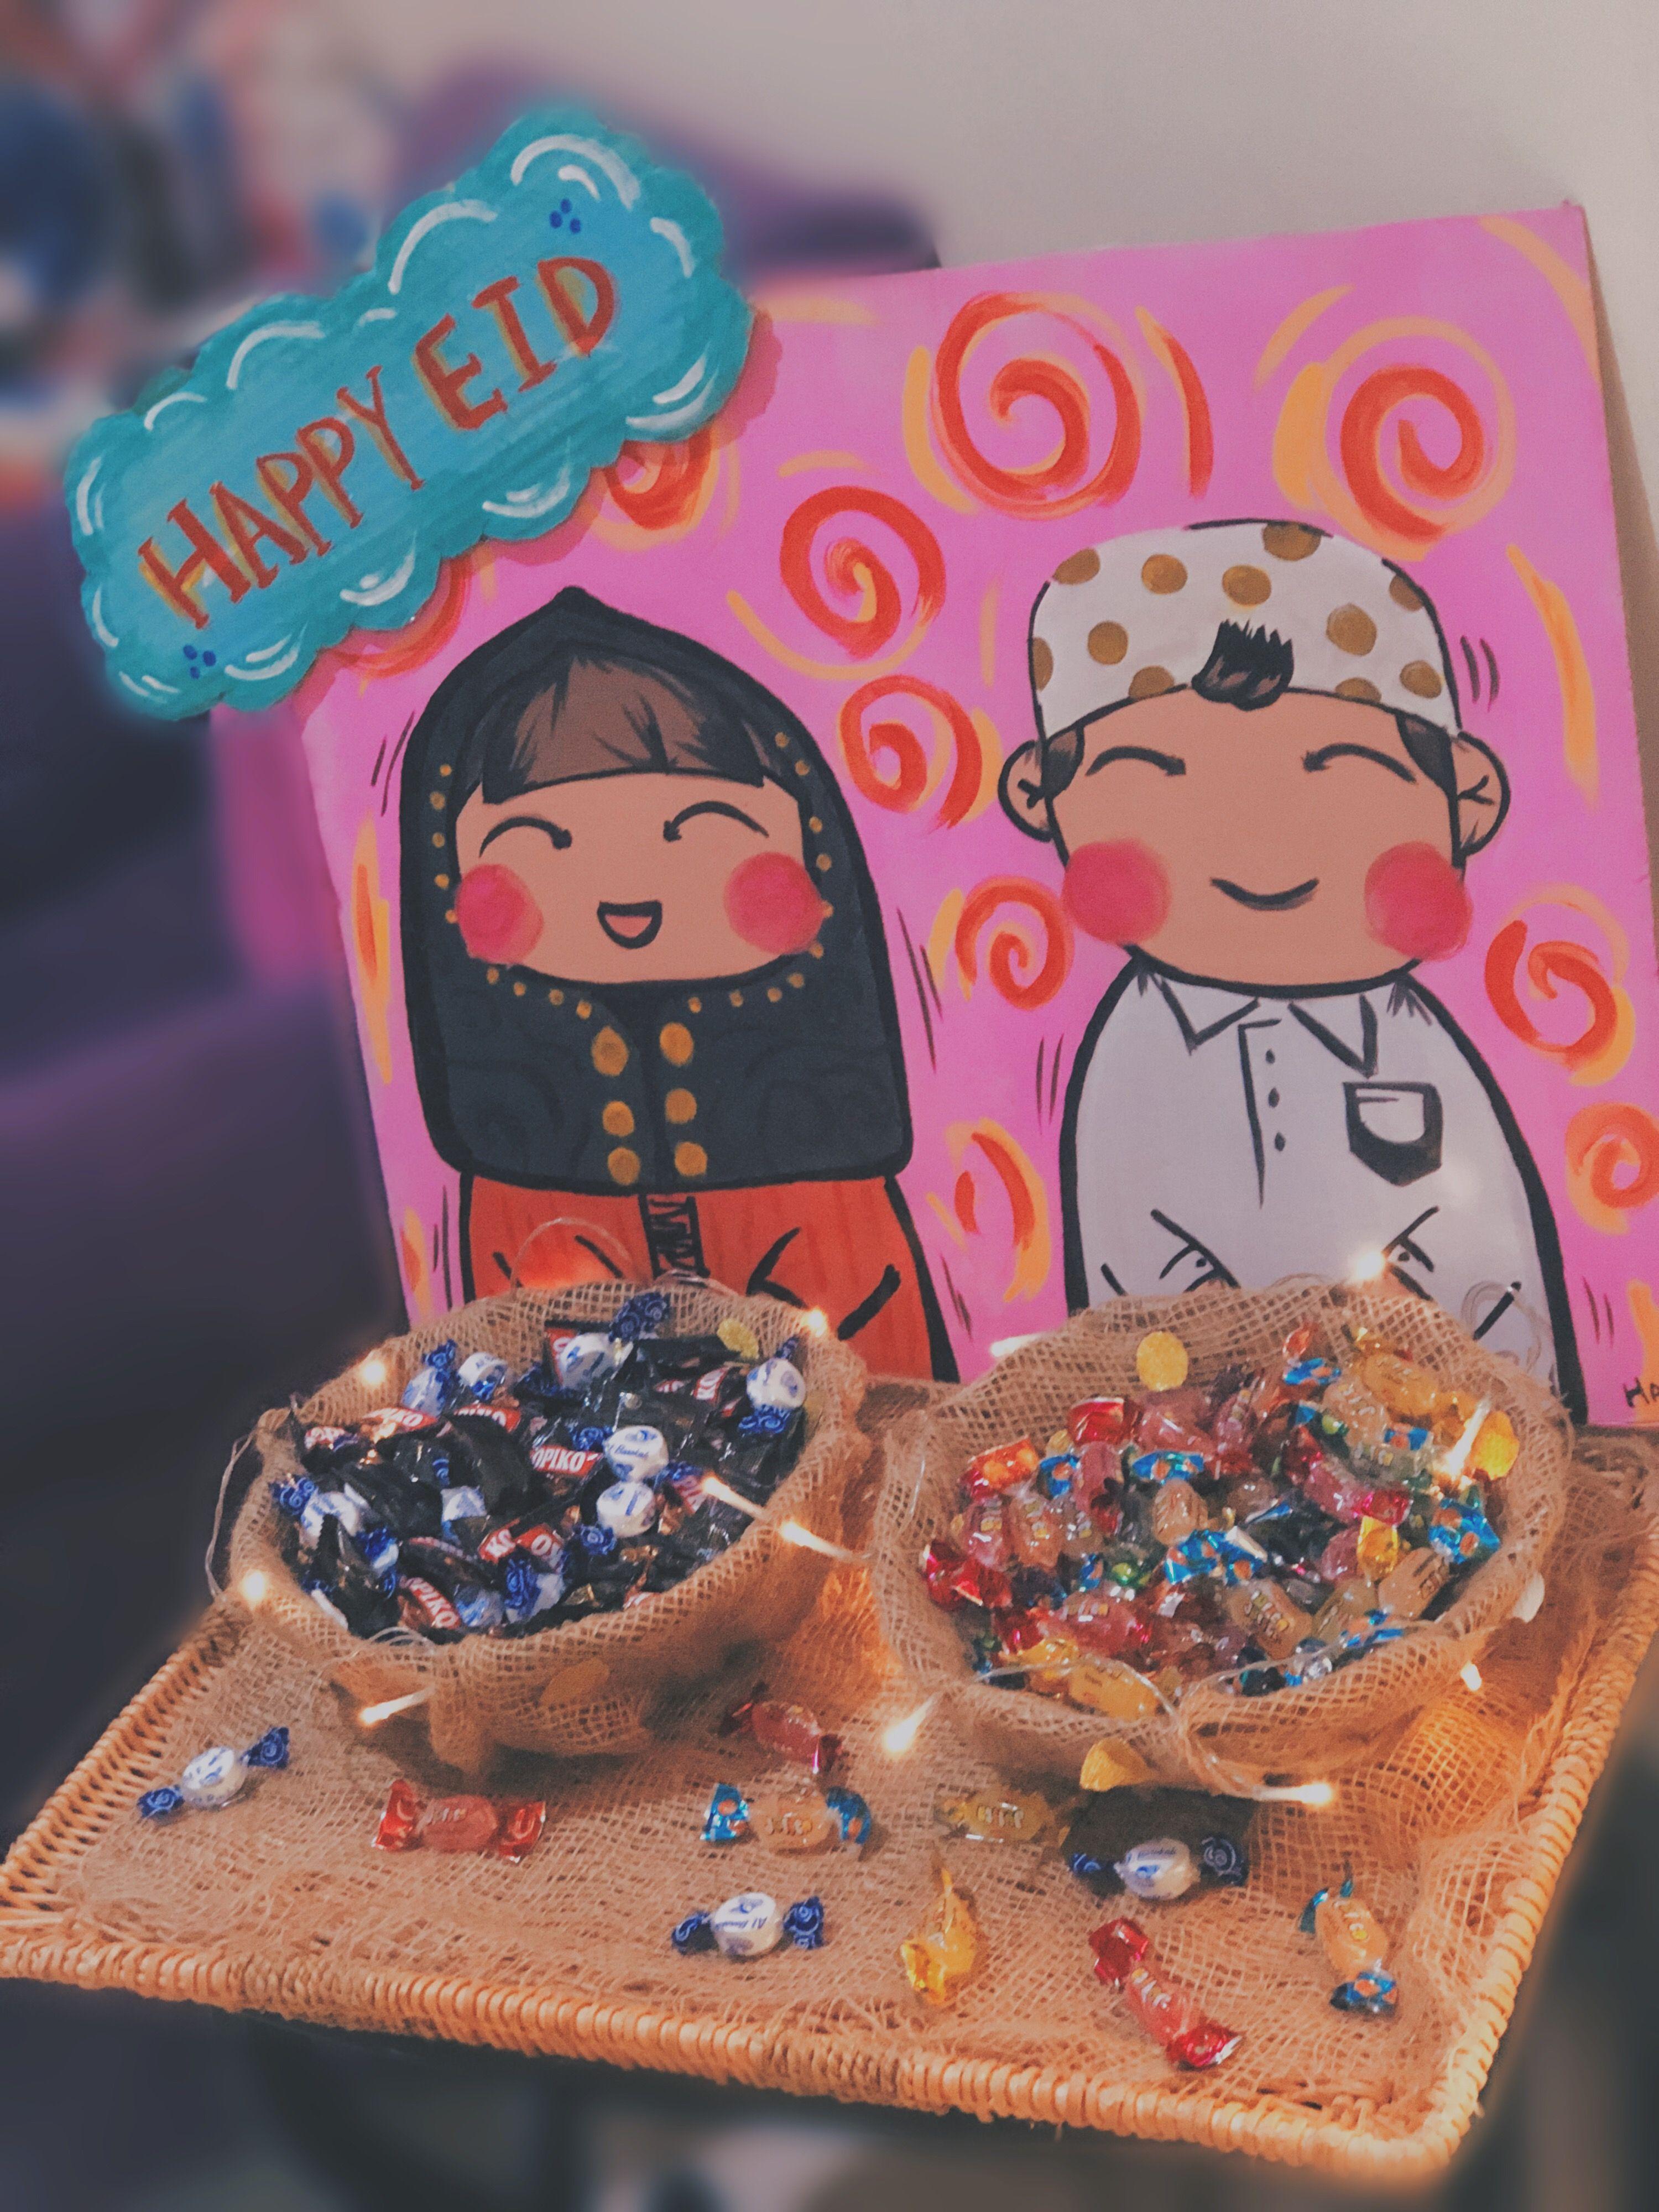 افكارللعيد افكار عيديات عيدالفطر Eid Eidmubarak حفلات Eid Crafts Ramadan Celebration Eid Gifts